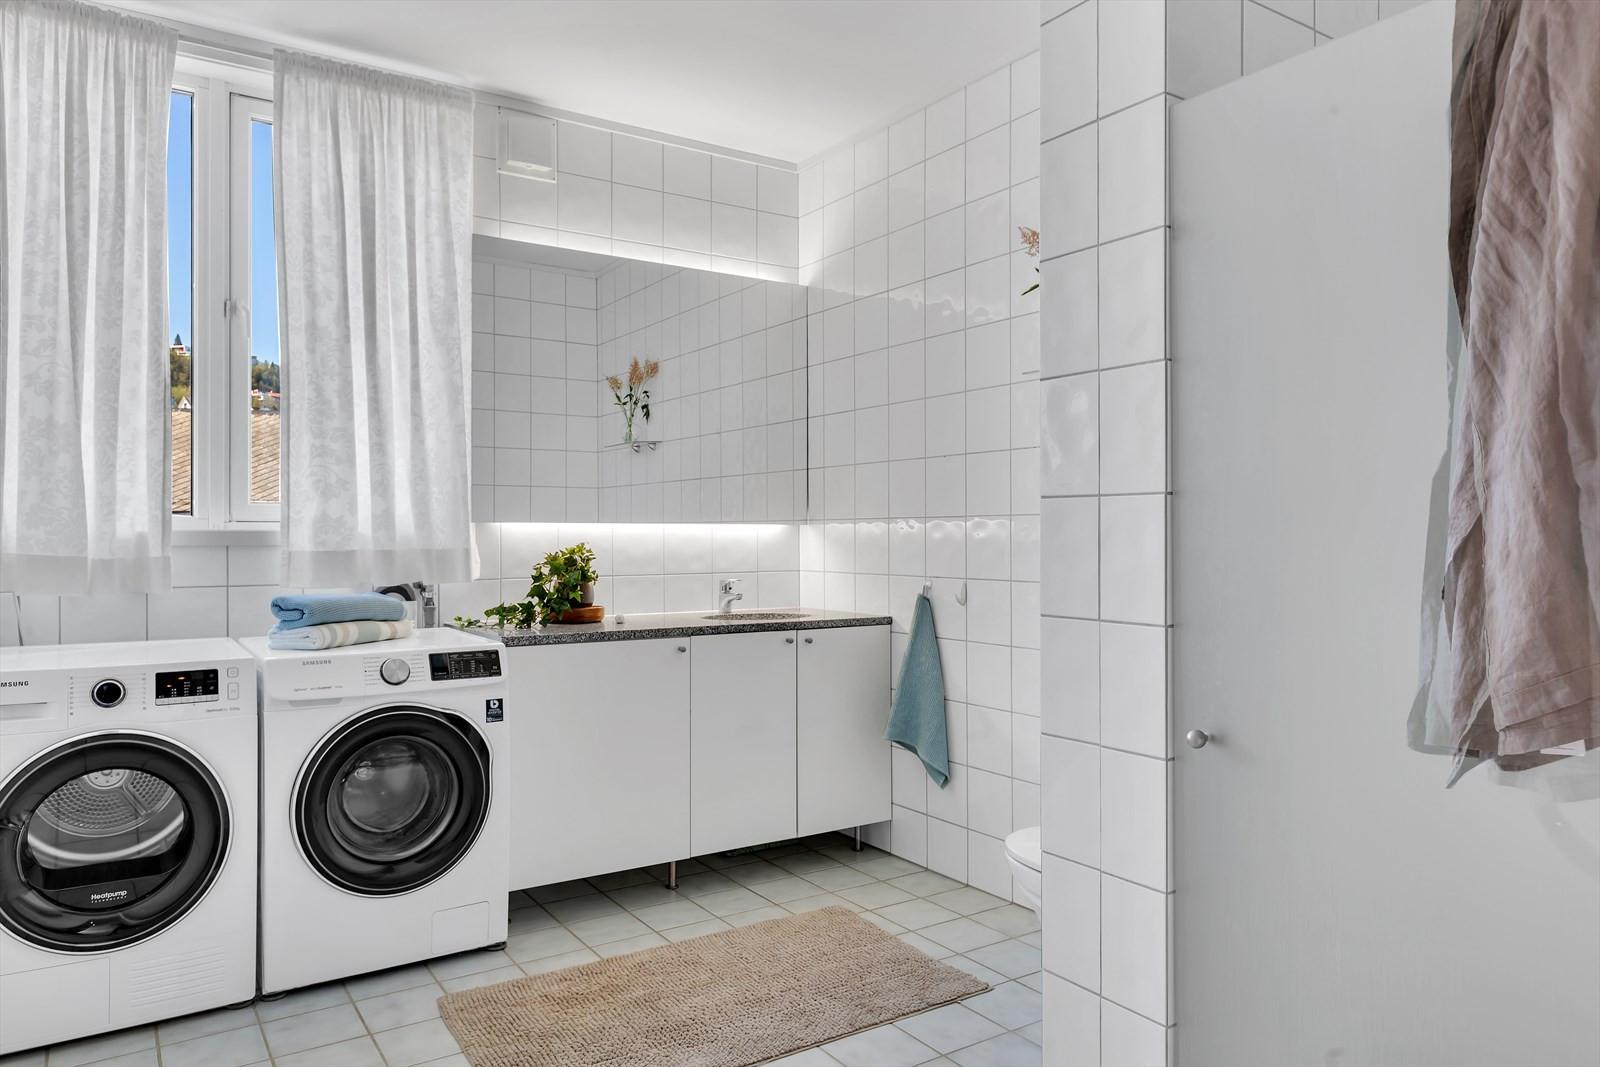 Flislagt bad med gulvvarme. God løsning med dusjnisje med innslagbart glass.